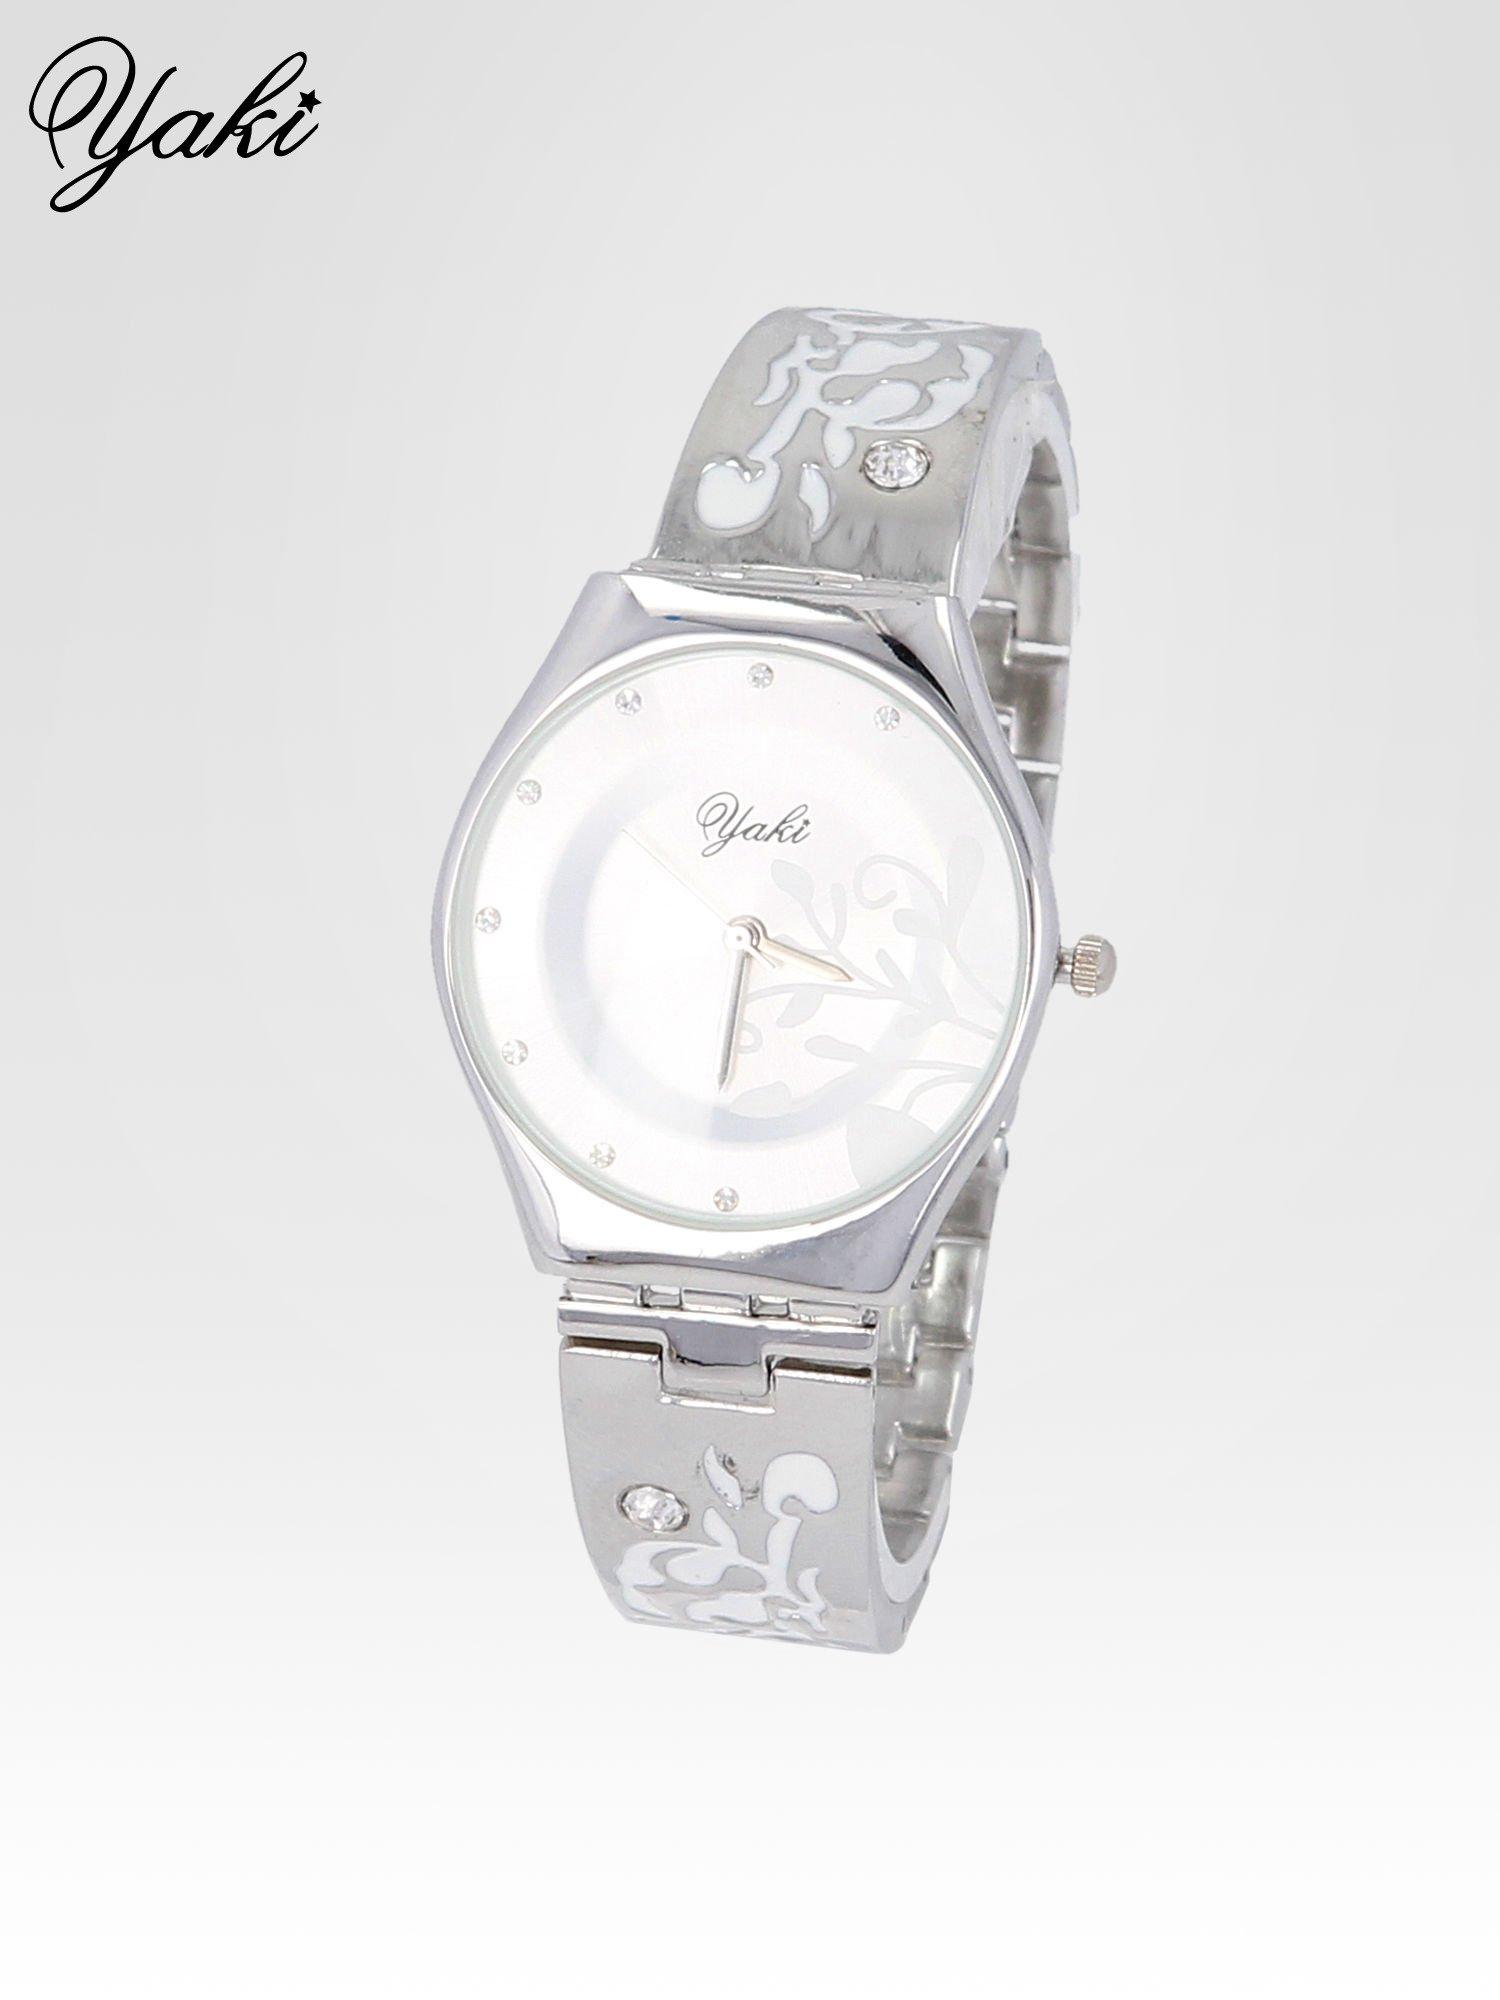 Srebrny zegarek damski na bransolecie z subtelnym zdobieniem                                  zdj.                                  2